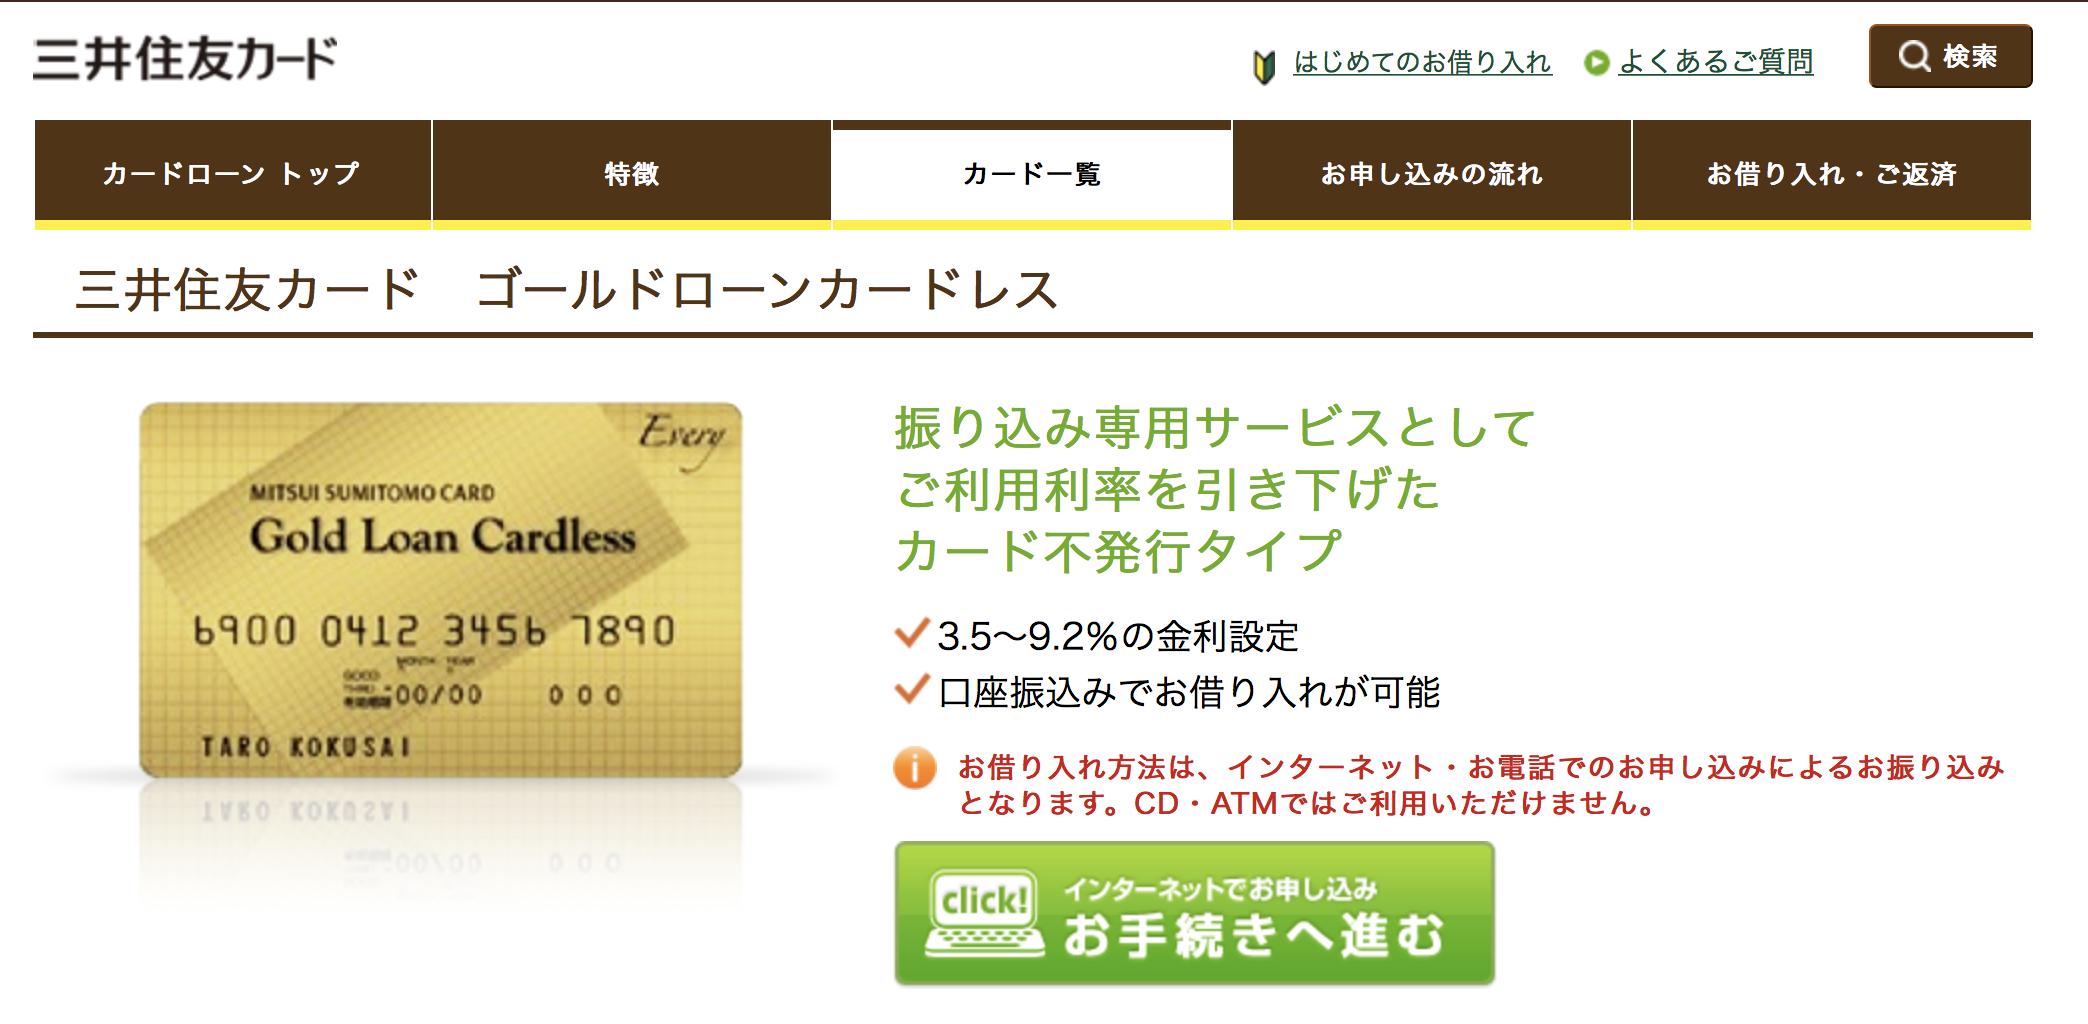 おまとめローン㊻ 三井住友カード